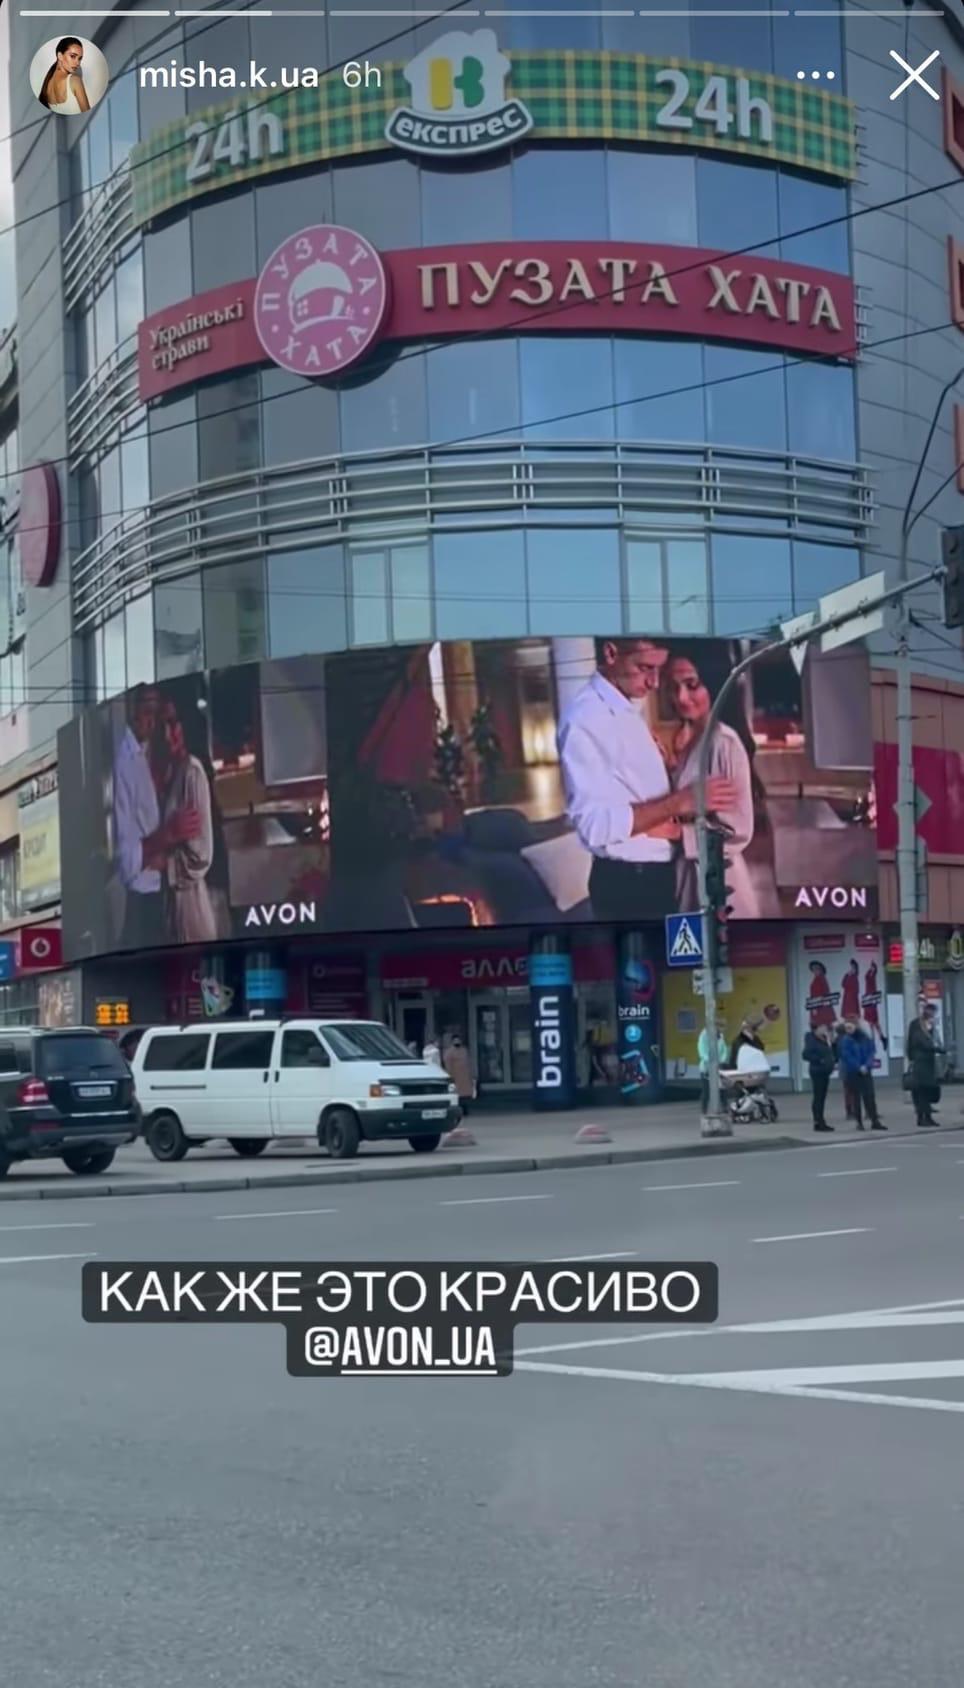 Ksenia Mishina - Sasha Ellert - Bachelorette Ukraine -  Season 1 - Discussion  - Page 8 2yn4bpvsUQA